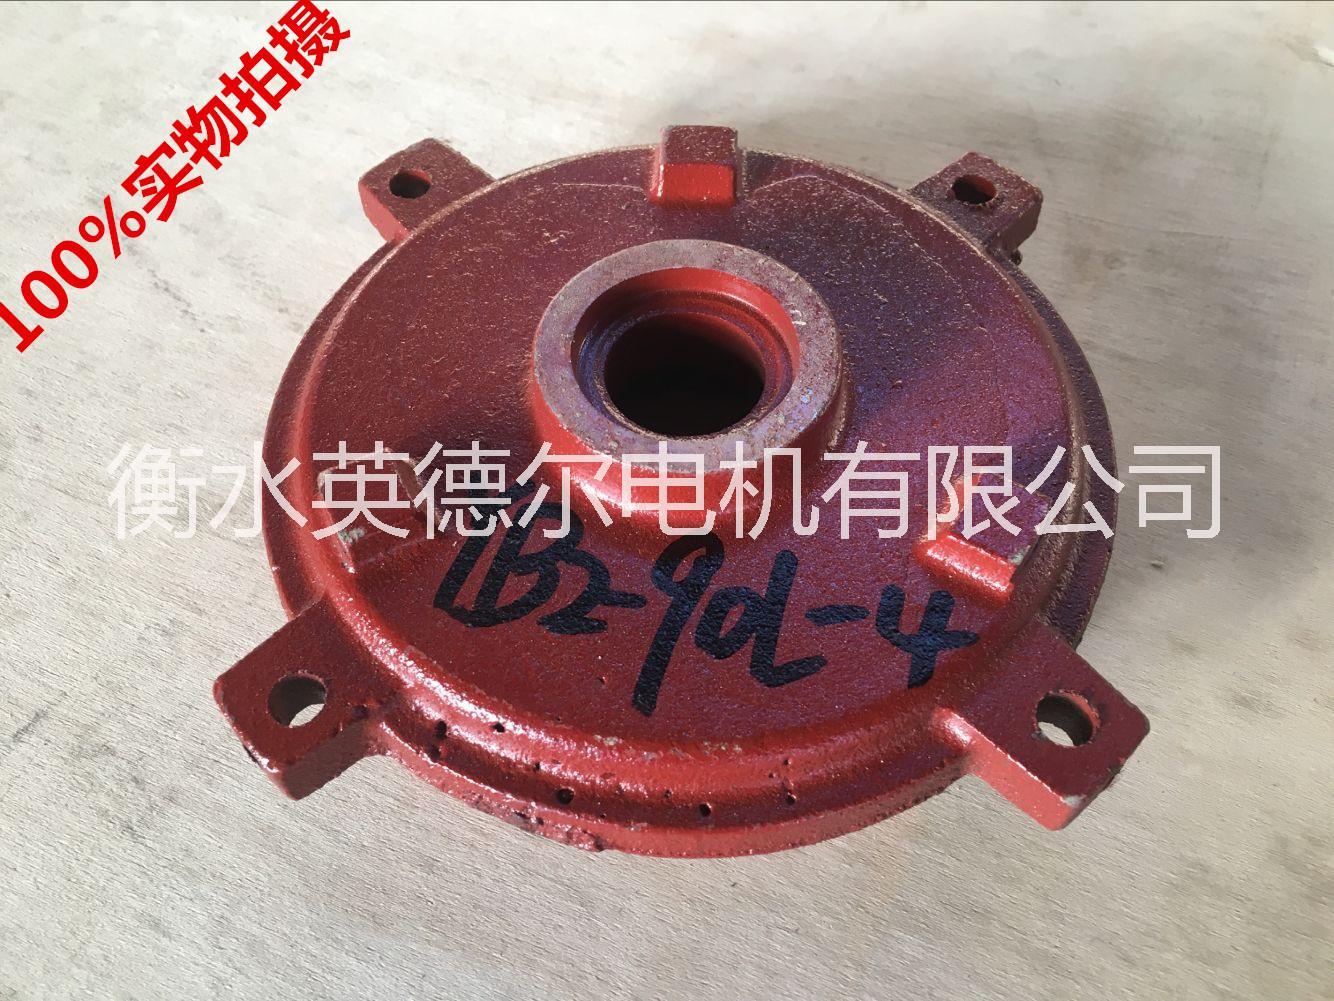 生产销售 YB2-90-4电机后端盖标准或者异性欢迎广大朋友洽谈 YB2-90-4后端盖